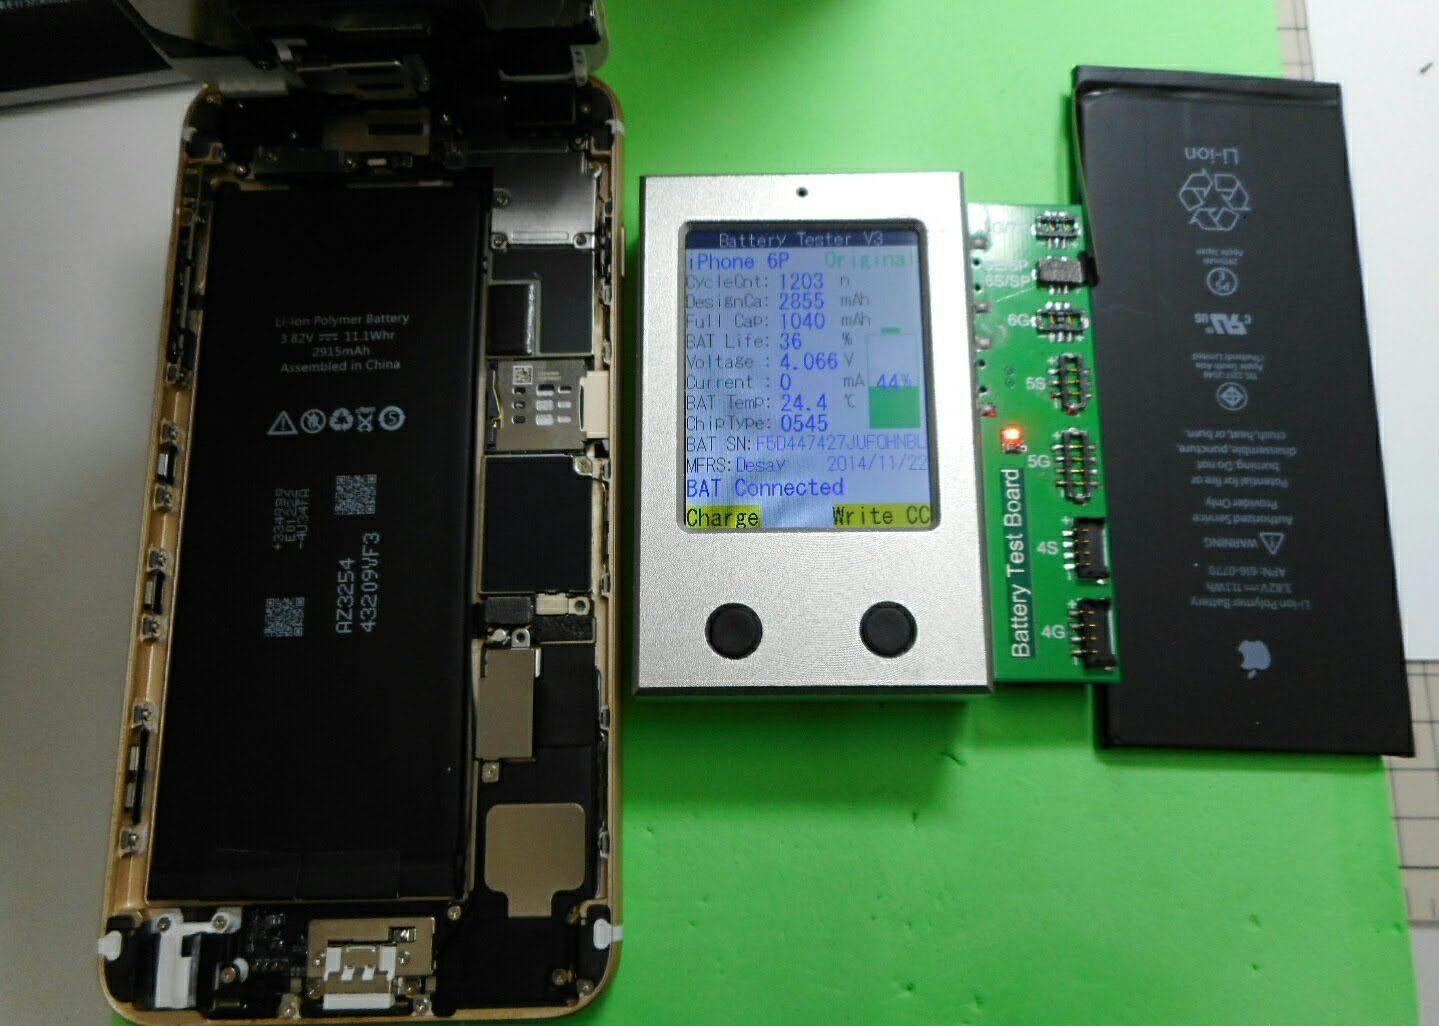 iPhoneのバッテリー容量をバッテリーテスターで測る